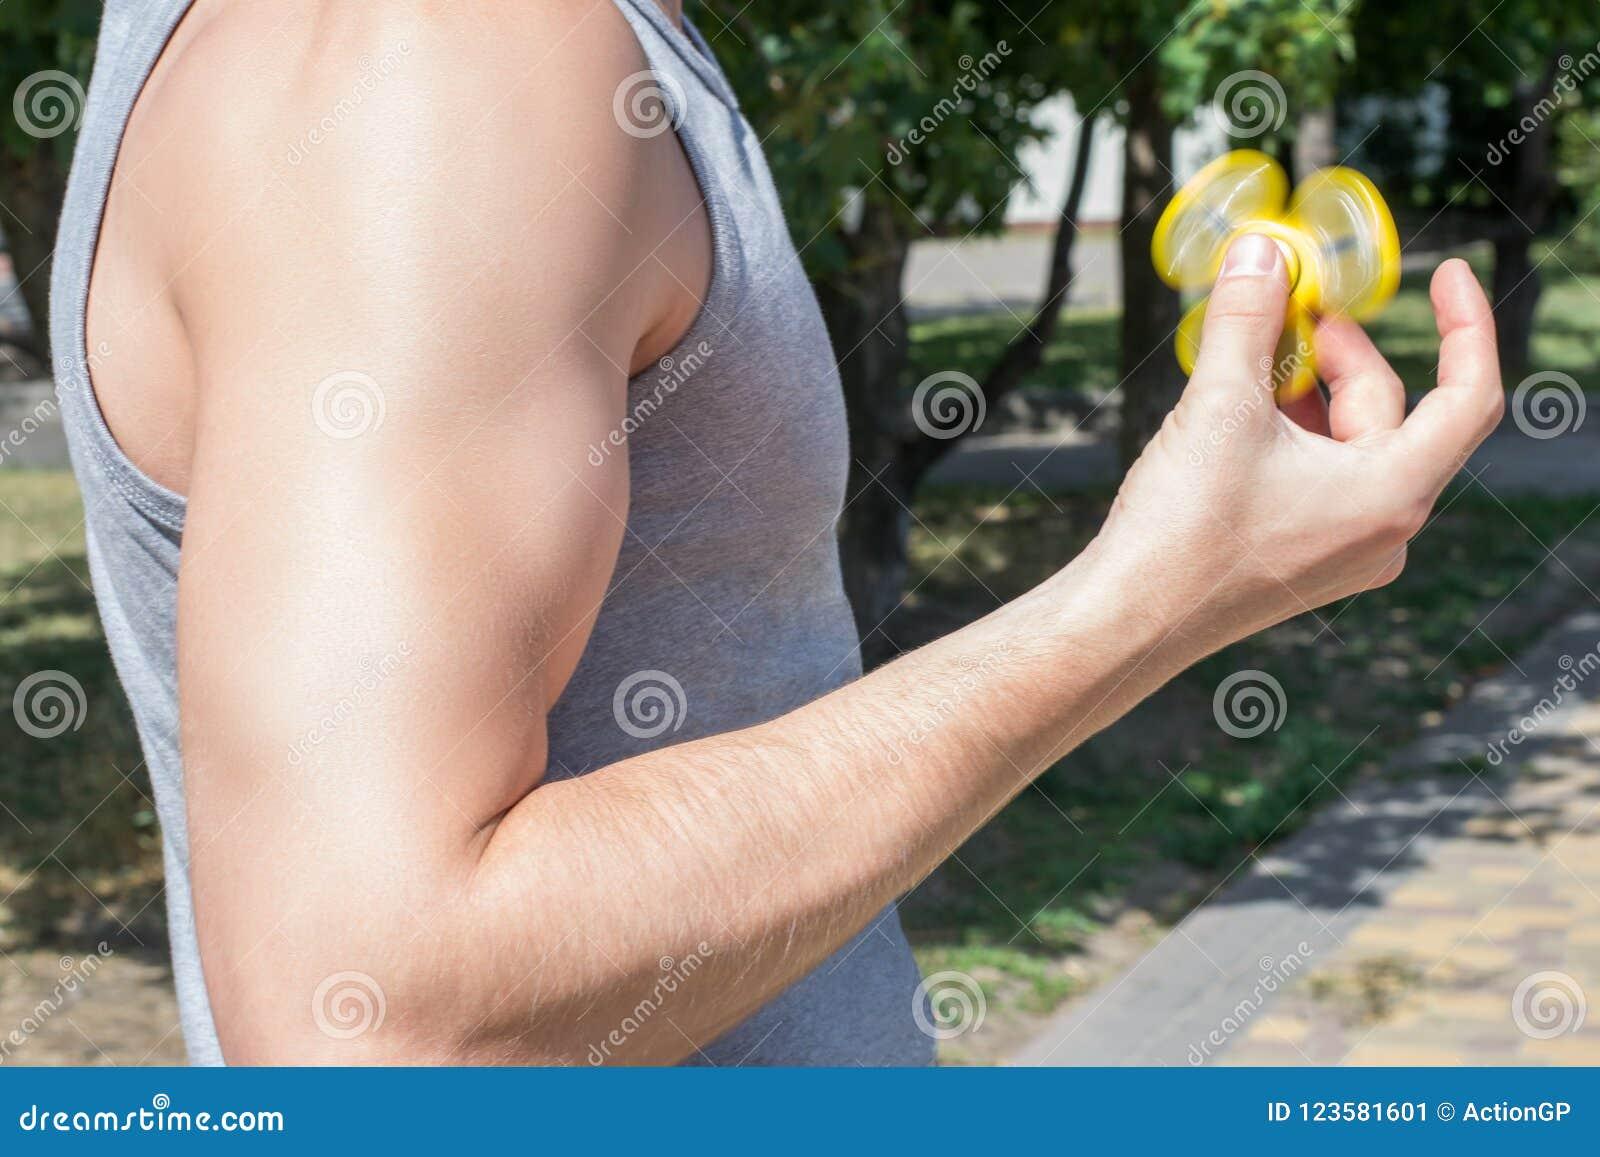 Фото сильного человека играя обтекатель втулки непоседы пока имеющ hol игрока gamer парня прогулки сексуальный мышечный красивый